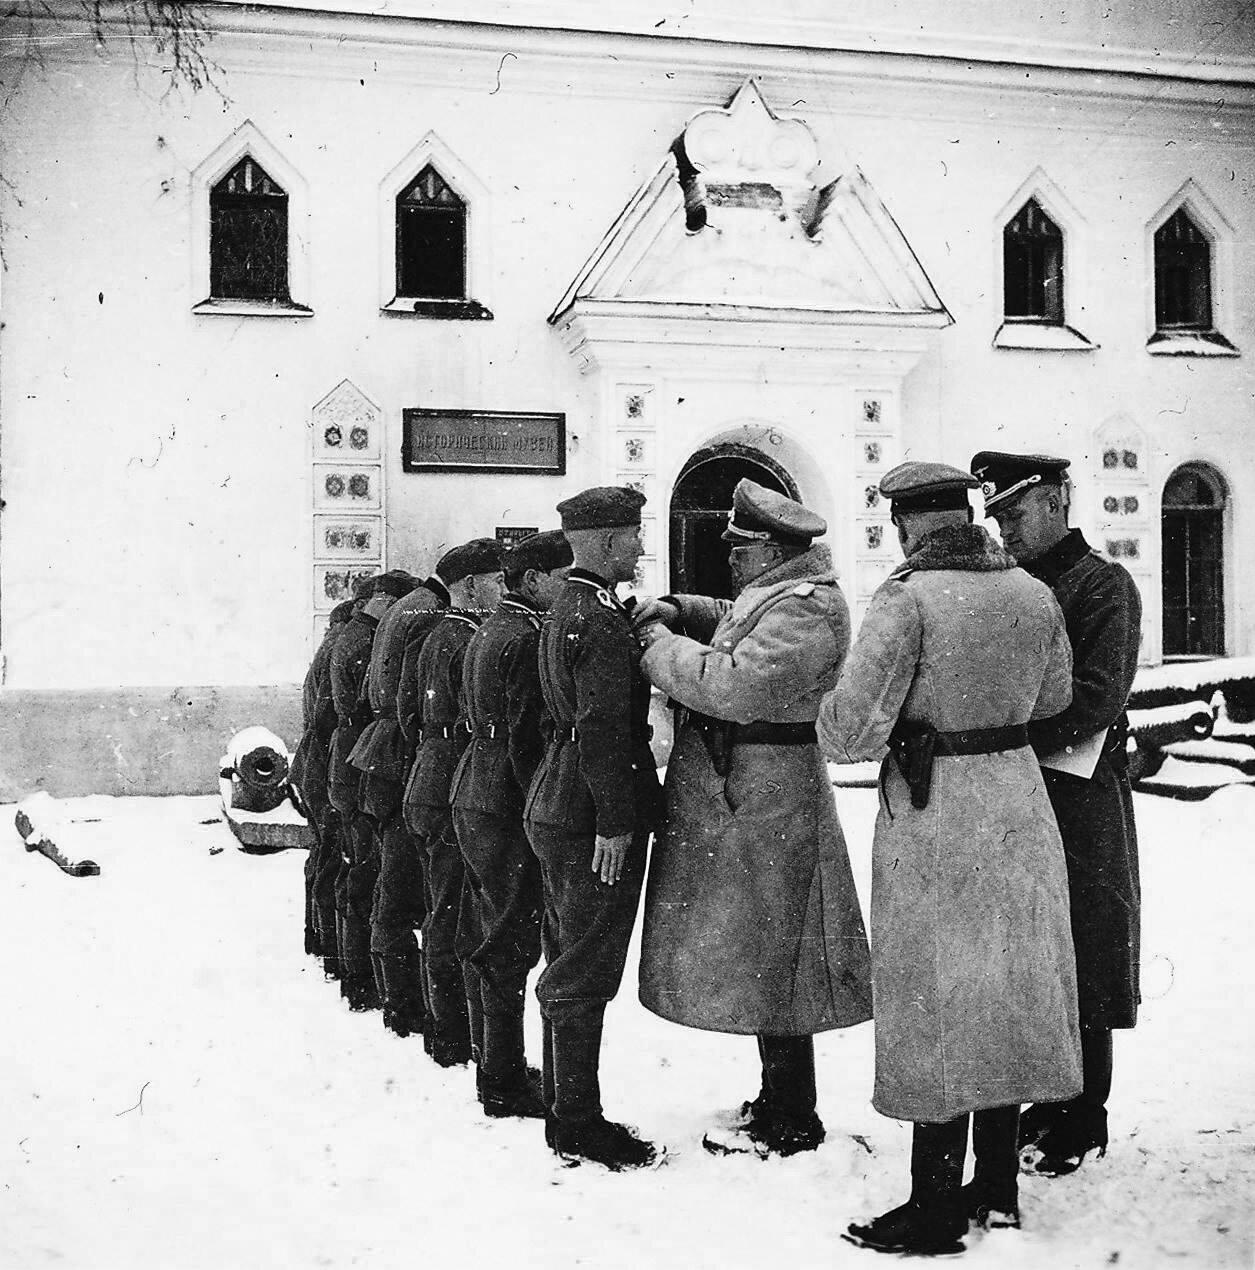 1941. Новгород, награждение немецких солдат